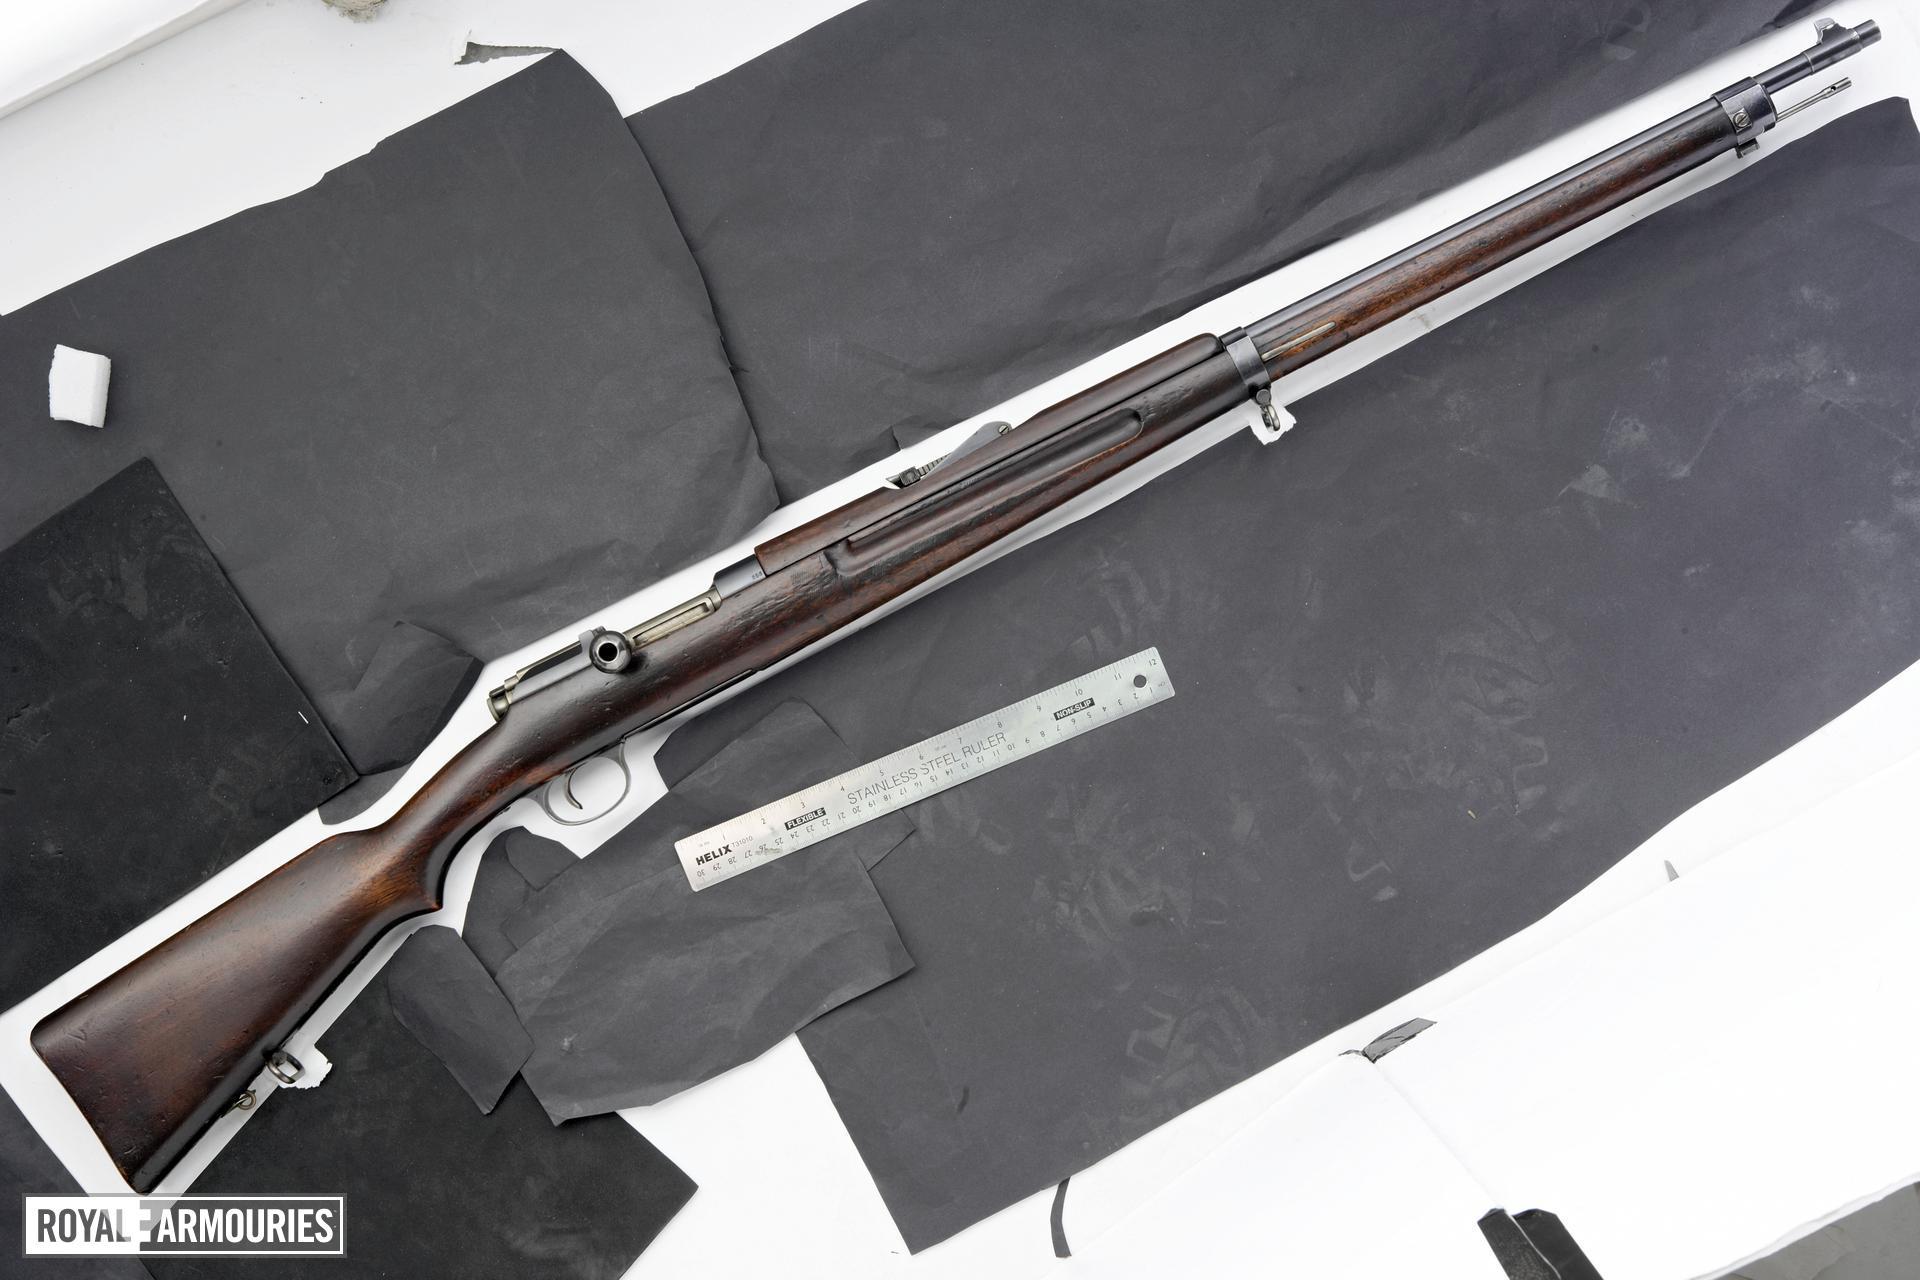 Centrefire bolt-action rifle - Mannlicher-Schonauer Model 1903